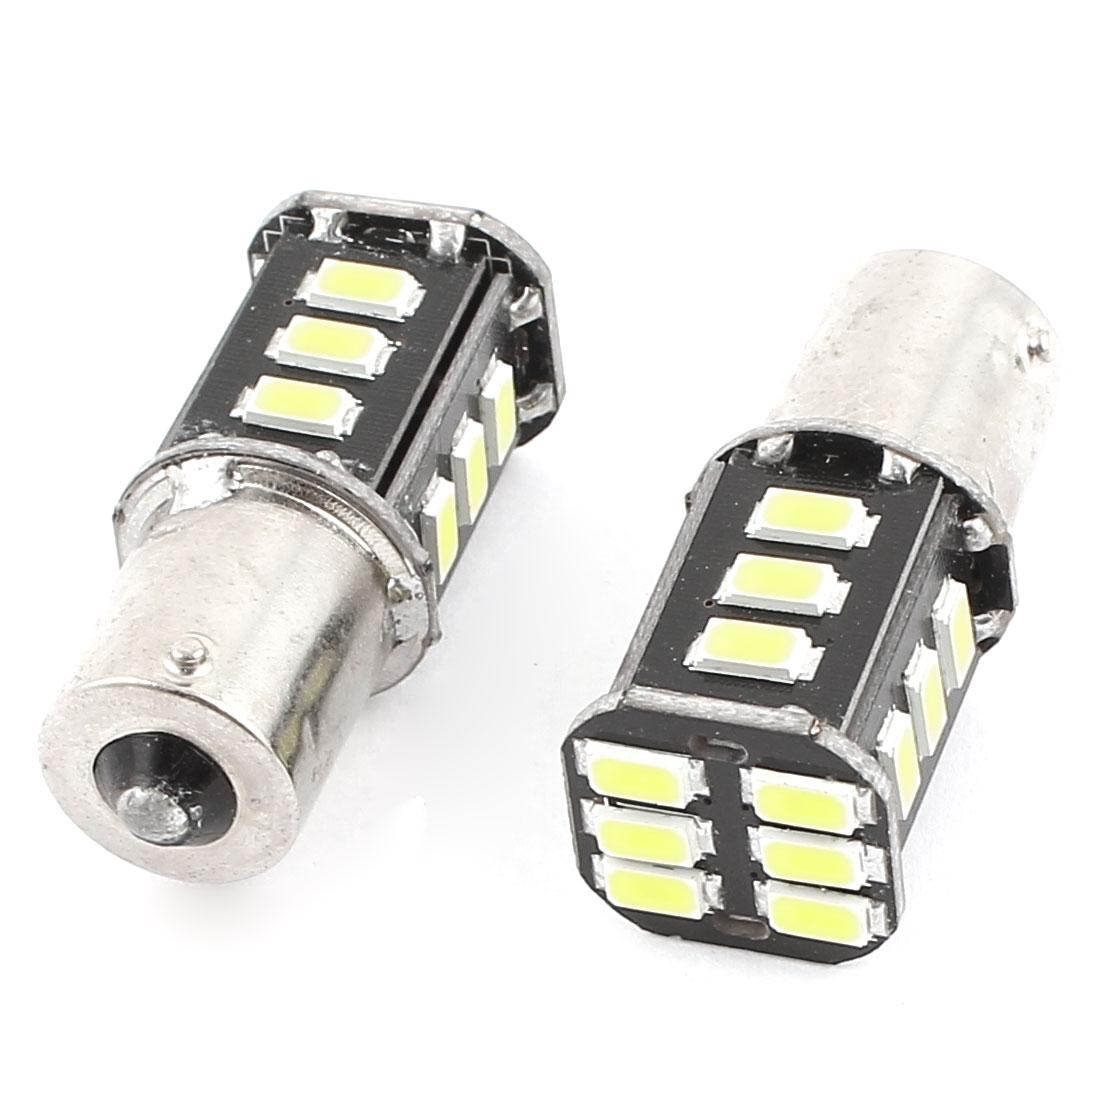 BA15S 1156 5630 SMD 18 LED Car Corner Tail Turn Signal Light White 1073 1259 2 Pcs